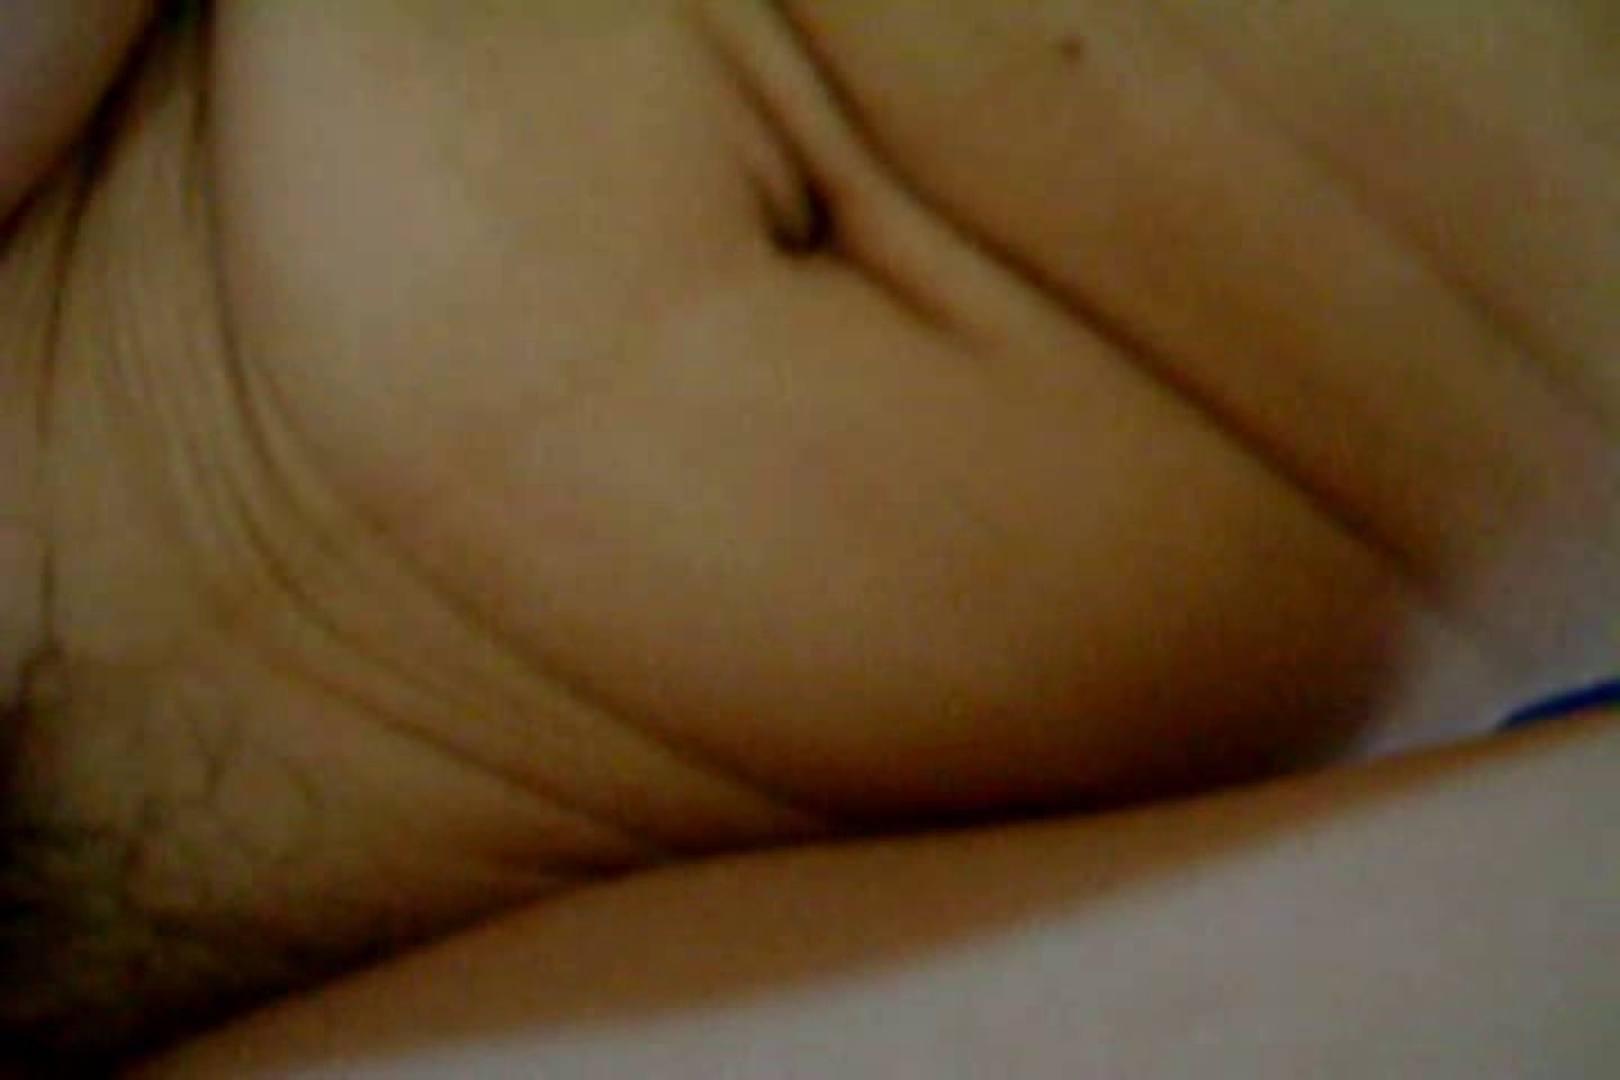 ウイルス流出 鹿児島県庁職員 中瀬瀬久成の流出ビデオ おまんこ娘 | 特撮オマンコ  95連発 81